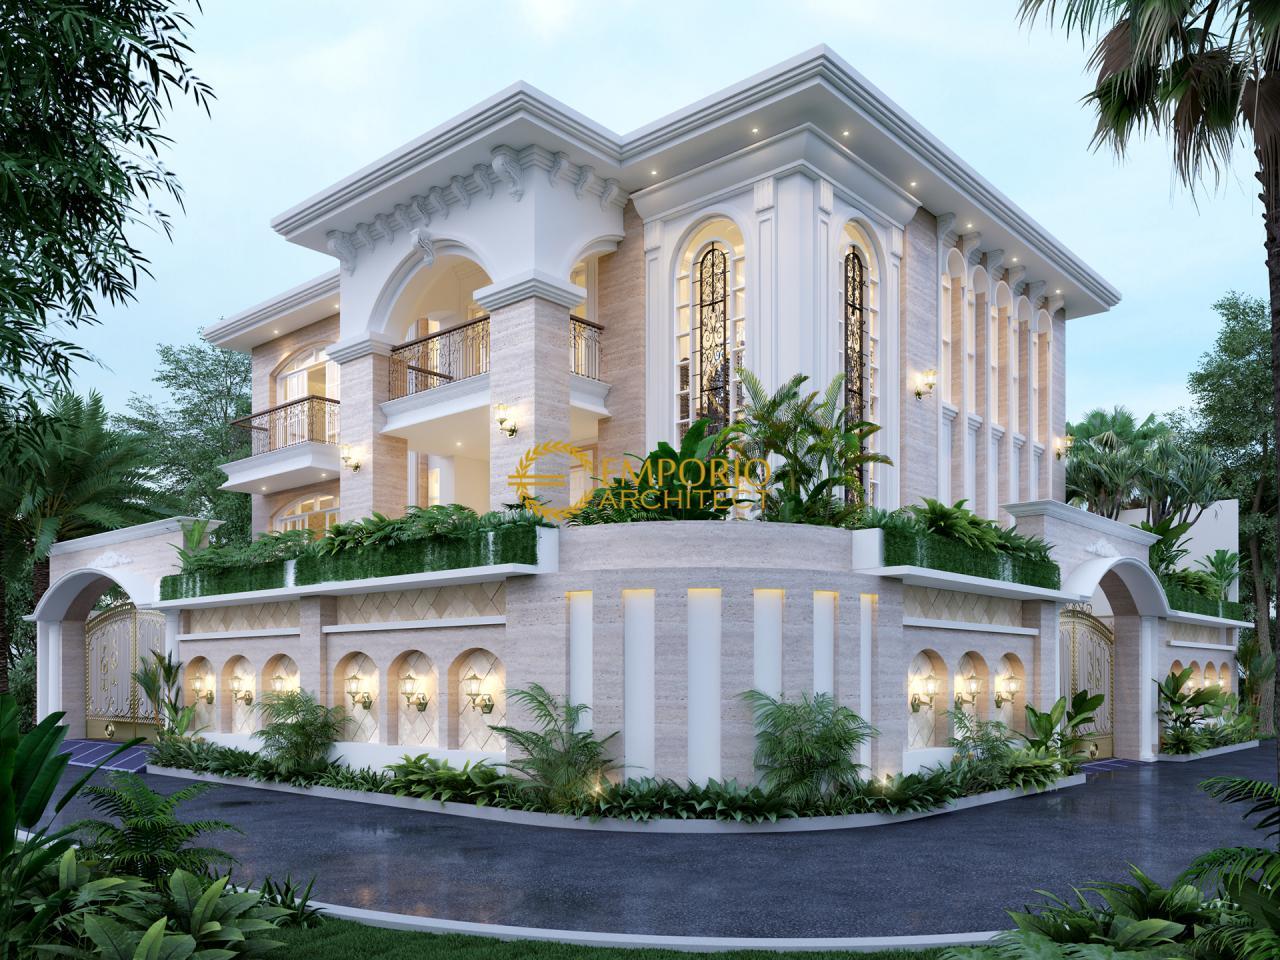 Desain Rumah Mediteran 2 Lantai Bapak William di Jakarta Utara